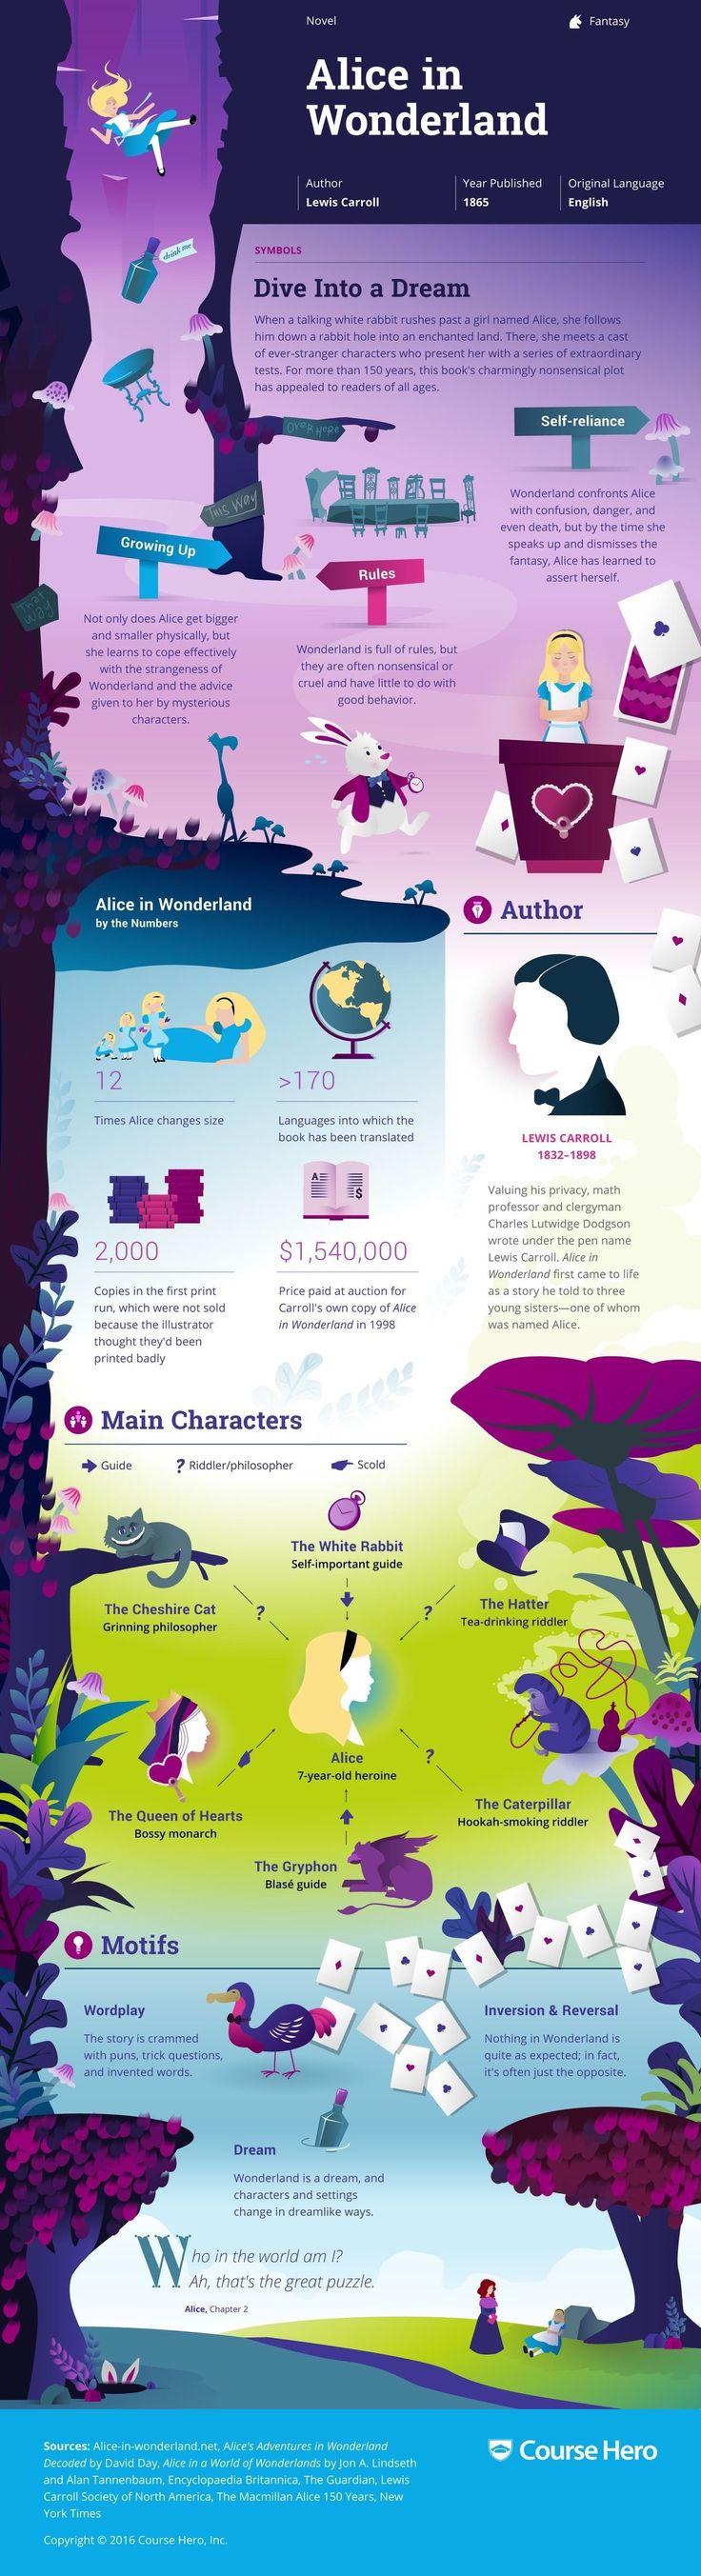 Alice In Wonderland infographic Descubra agora os nossos posts sobre Obras Clássicas da Literatura em http://mundodelivros.com/category/classicos-da-literatura/